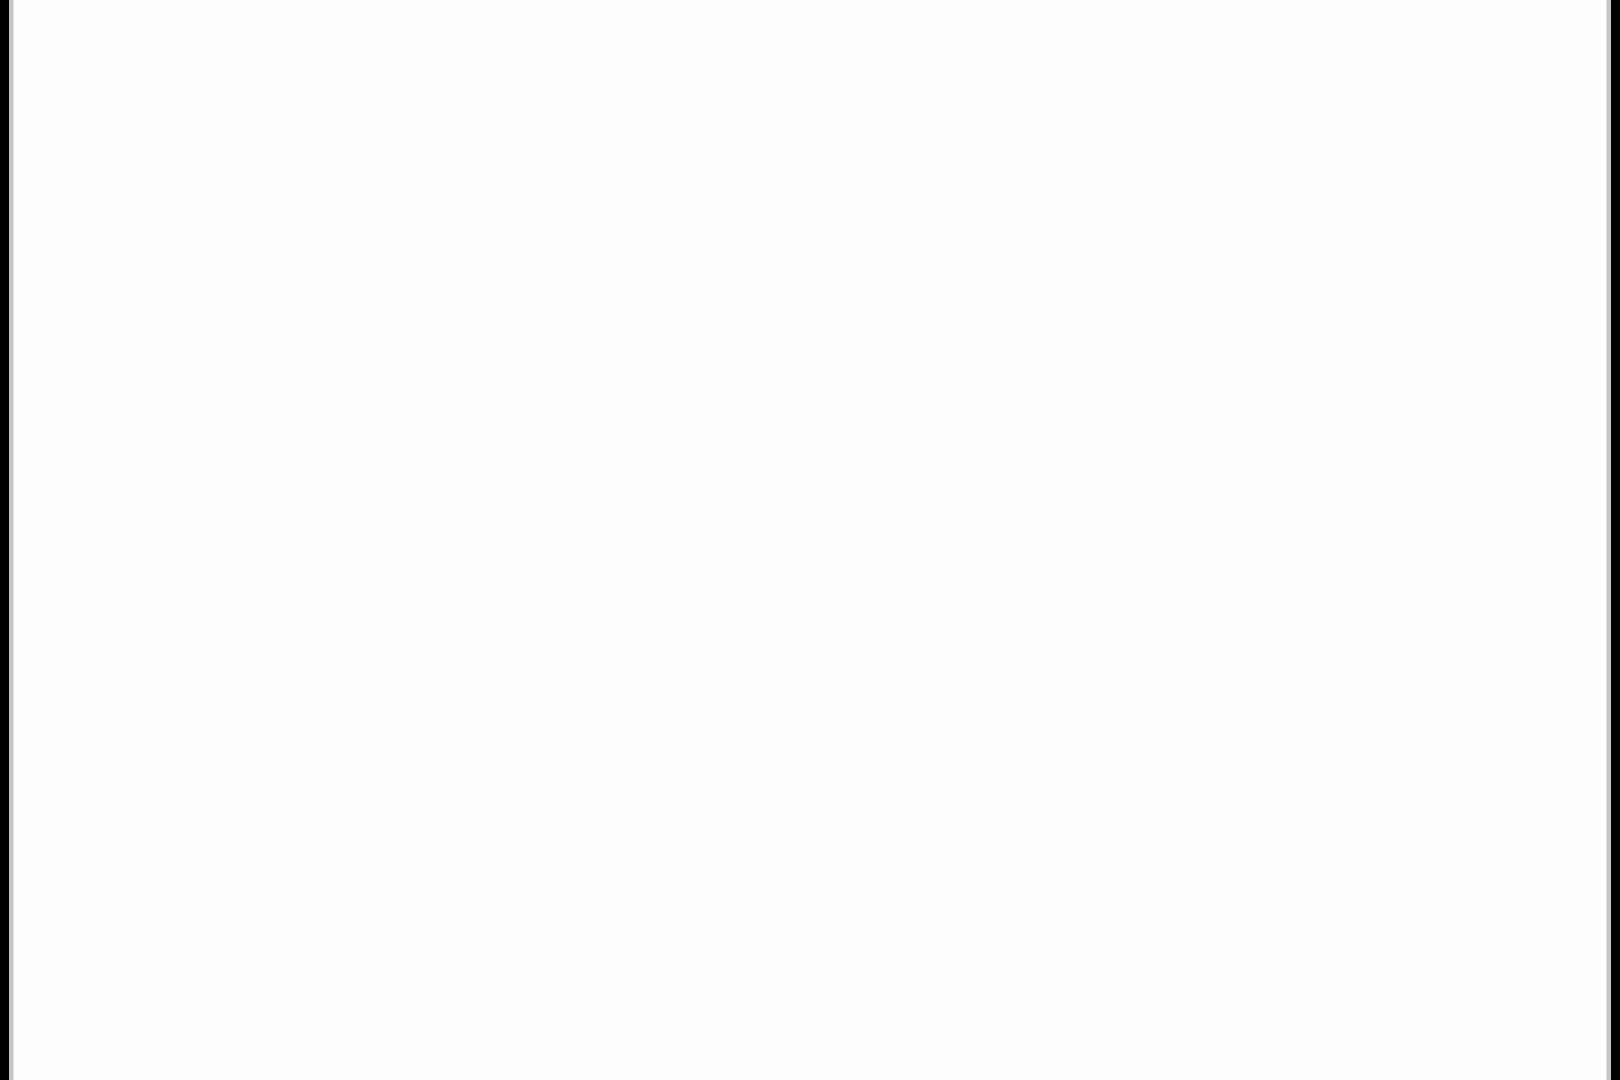 性欲に満ちたデカてぃむぽのホモ旦那 AV ゲイアダルトビデオ画像 96枚 96